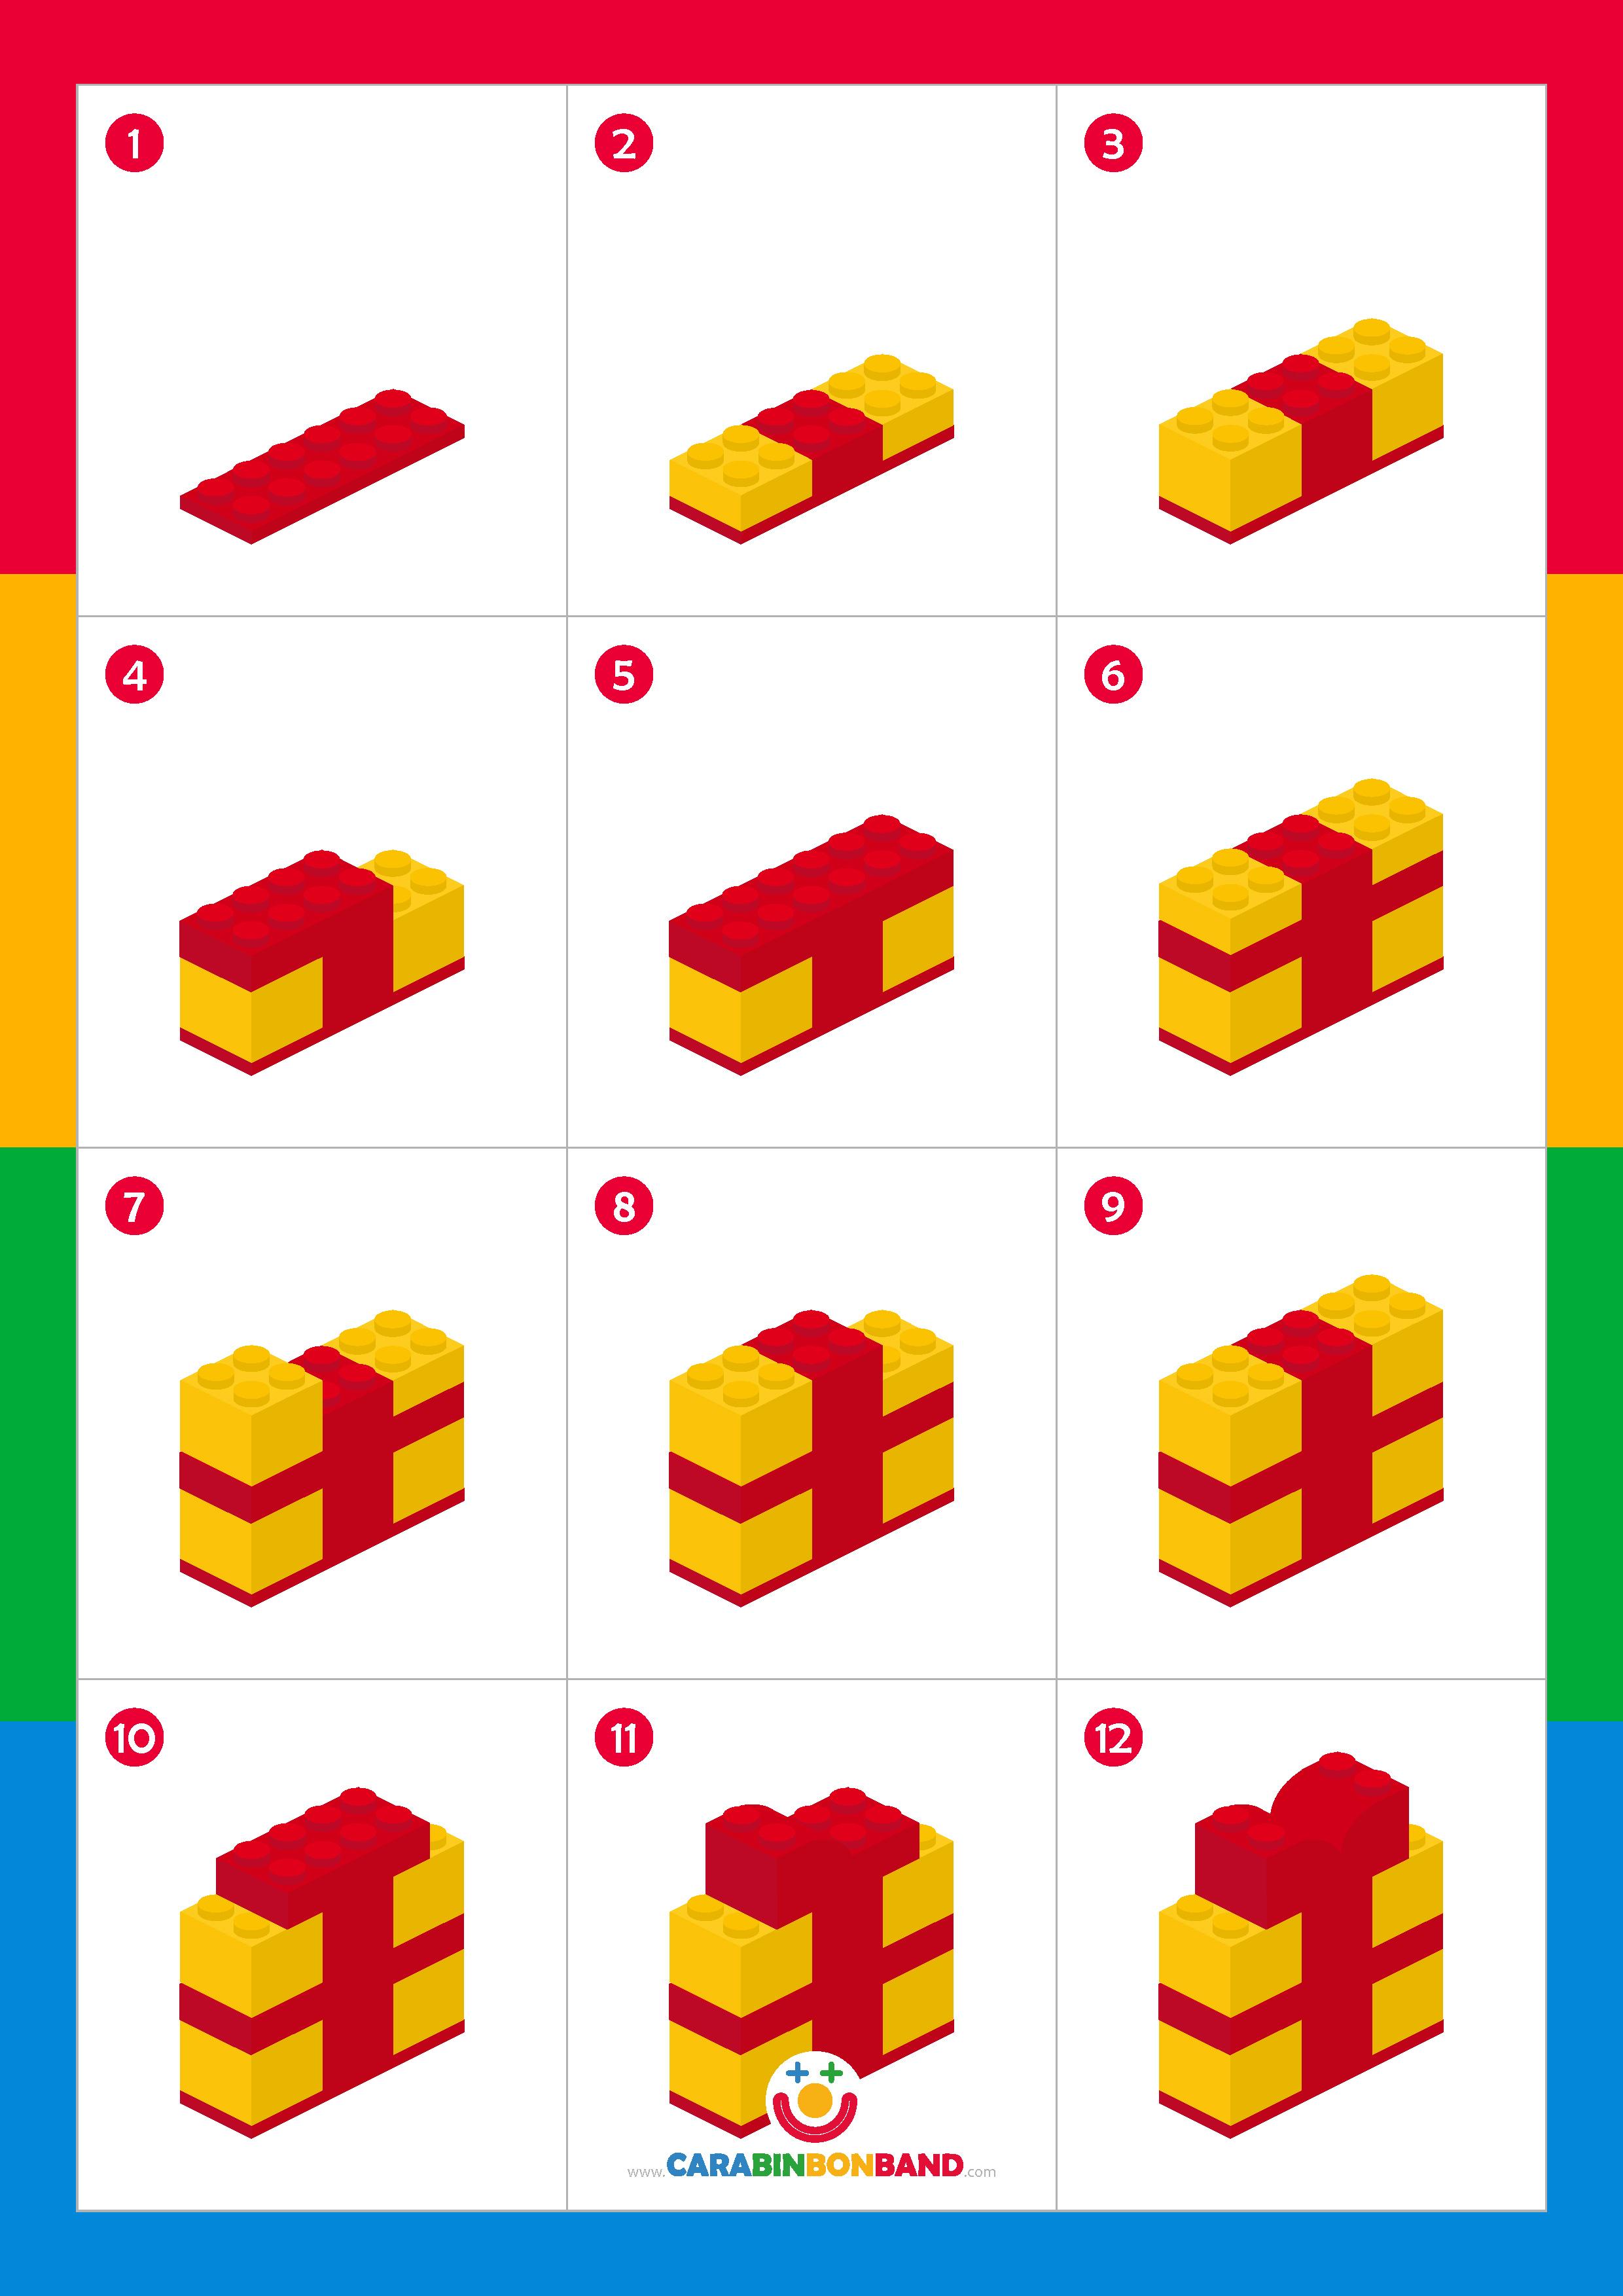 Tutorial LEGO: cómo hacer adornos de Navidad